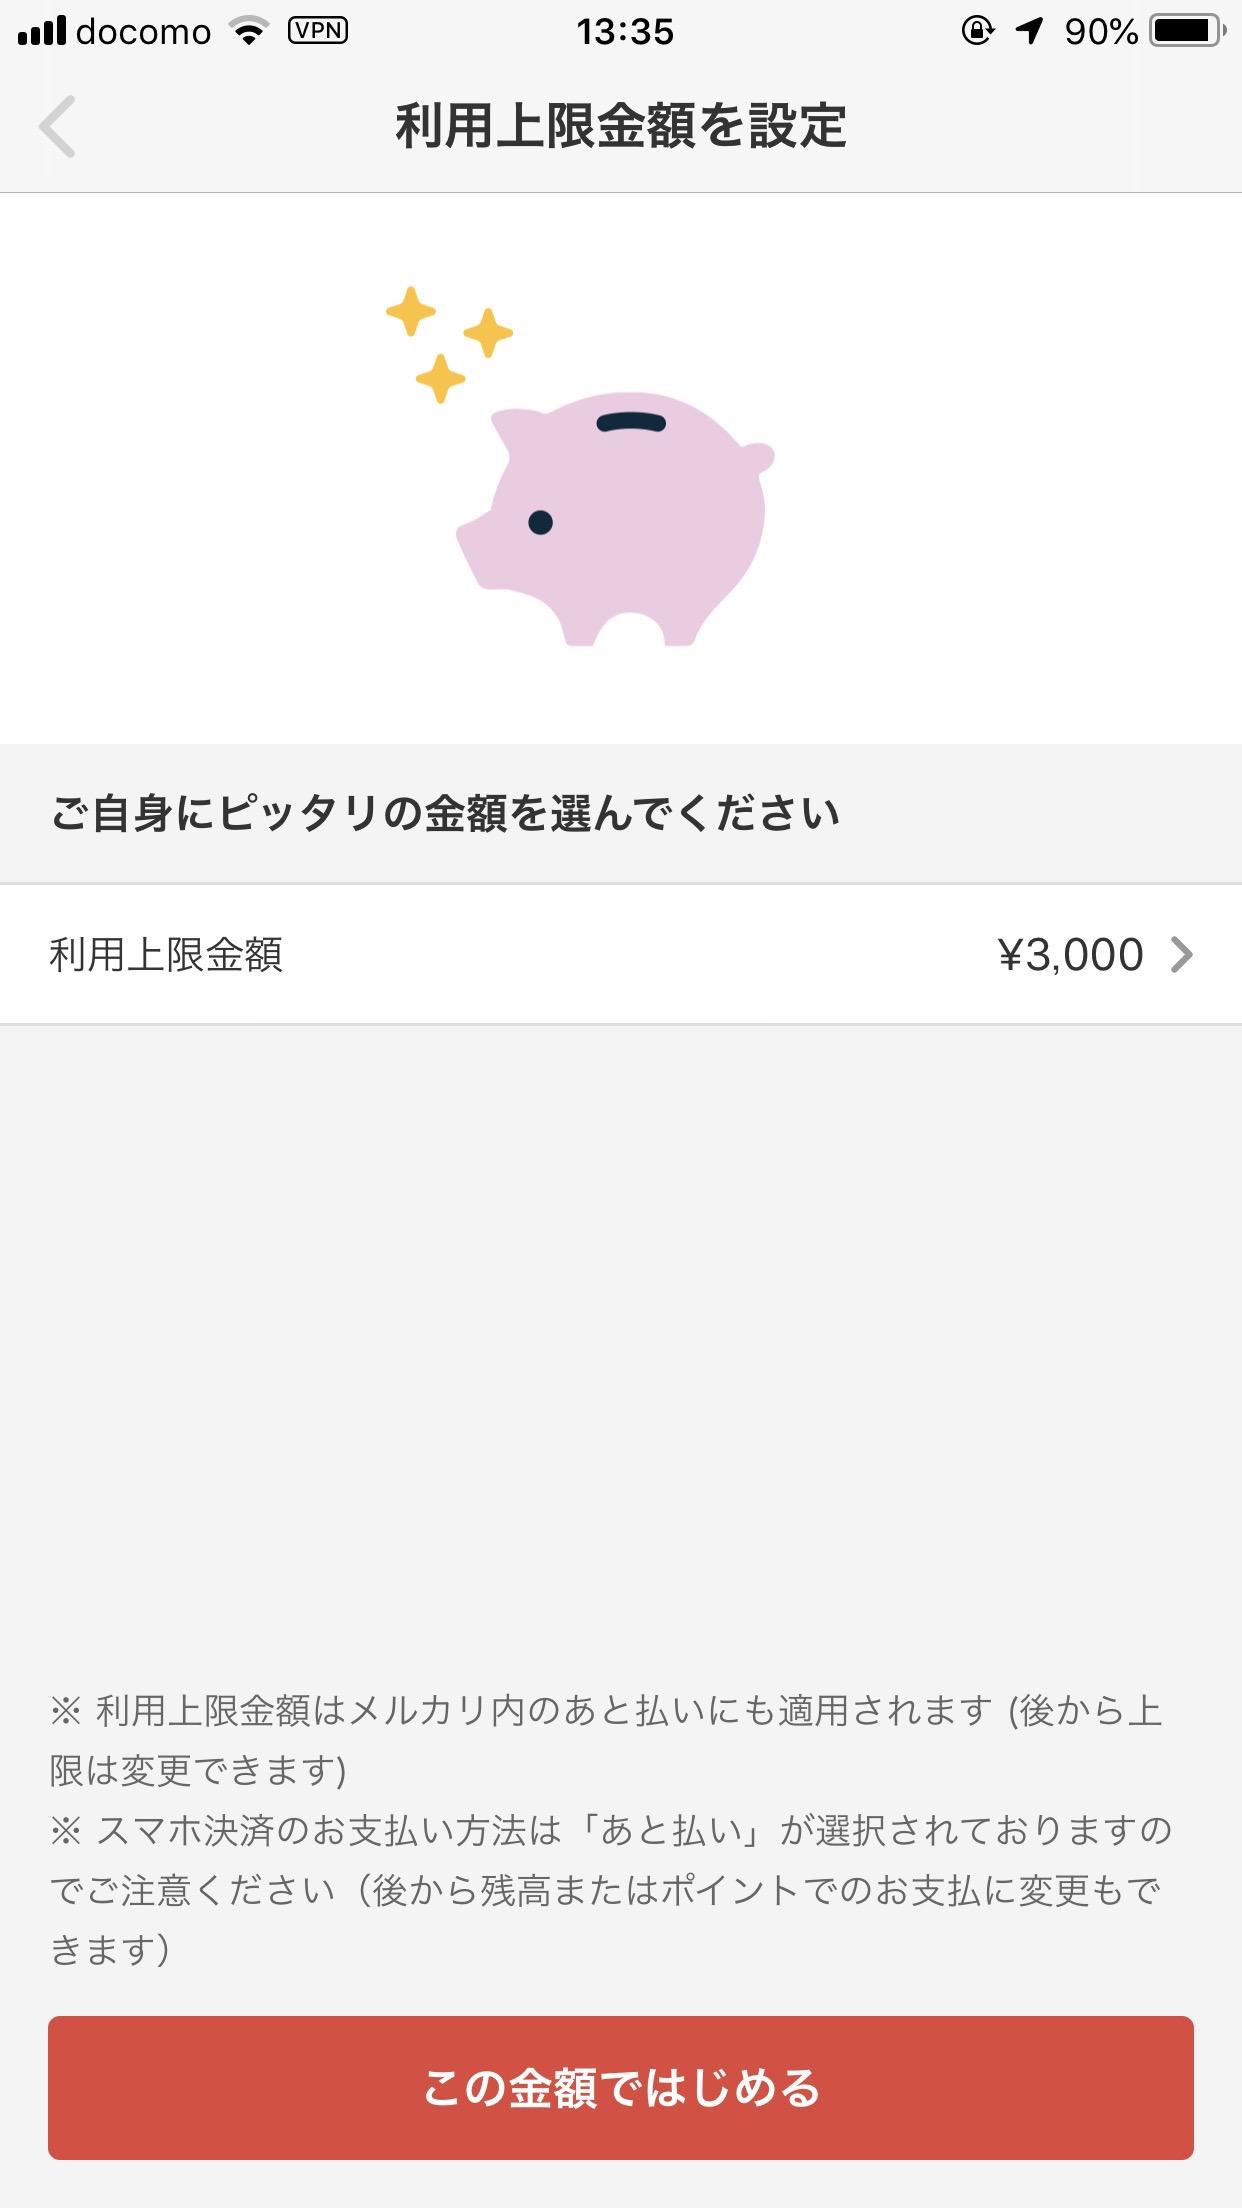 「メルペイあと払い」利用で最大70%還元「日本全国まるっと半額ポイント還元キャンペーン」 開催(6/30まで)